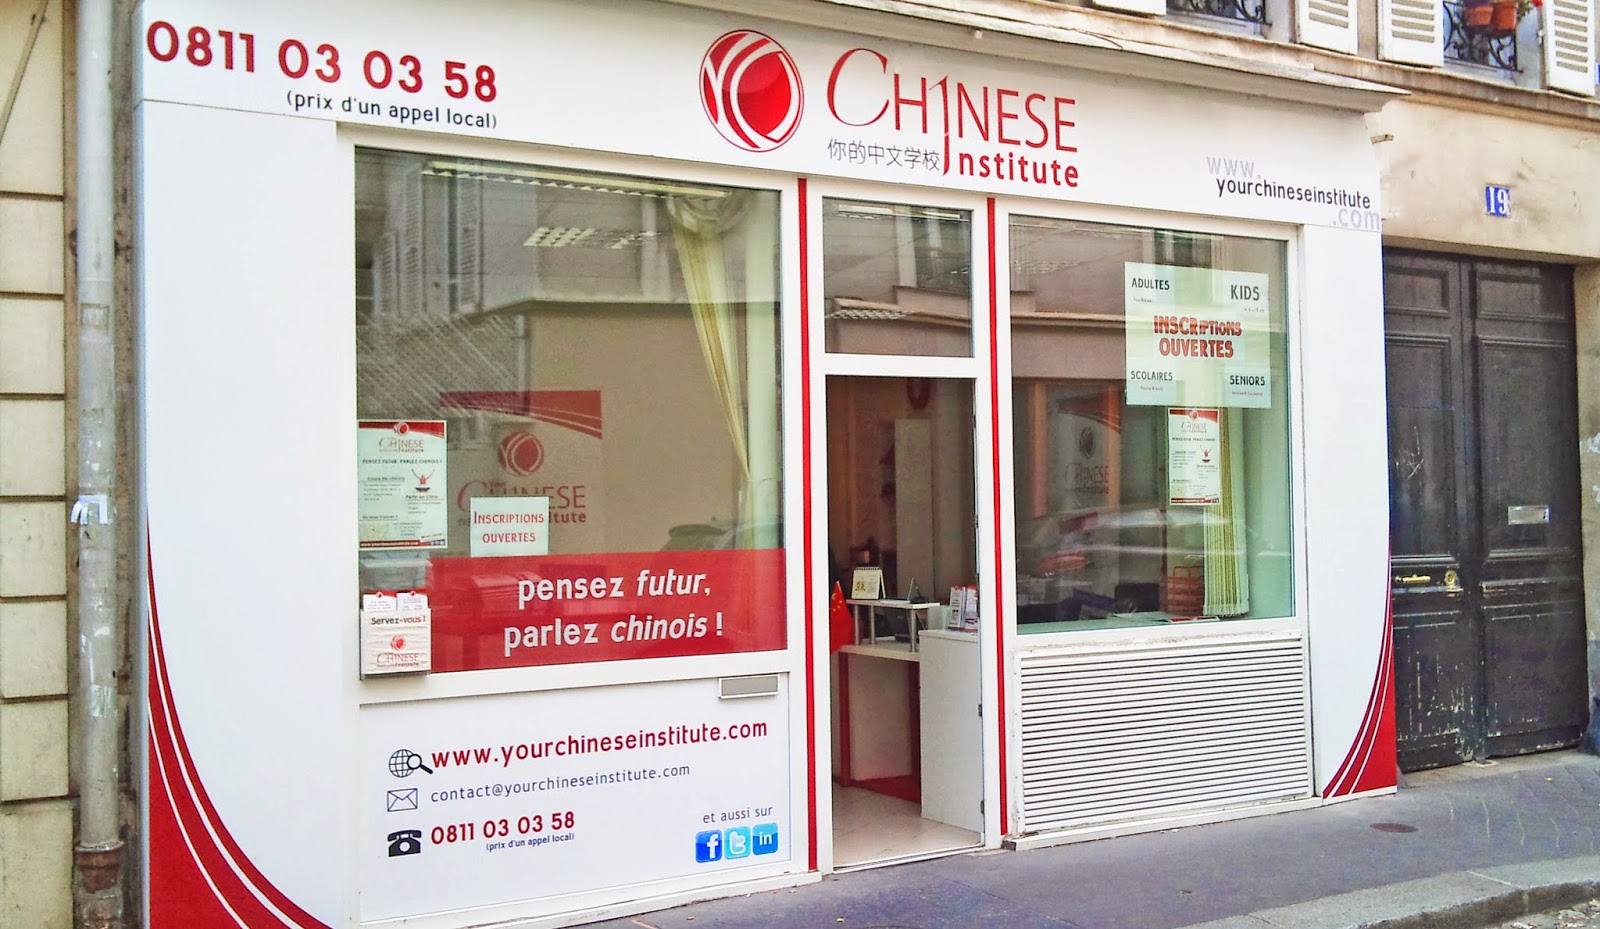 Chinese Institute Paris